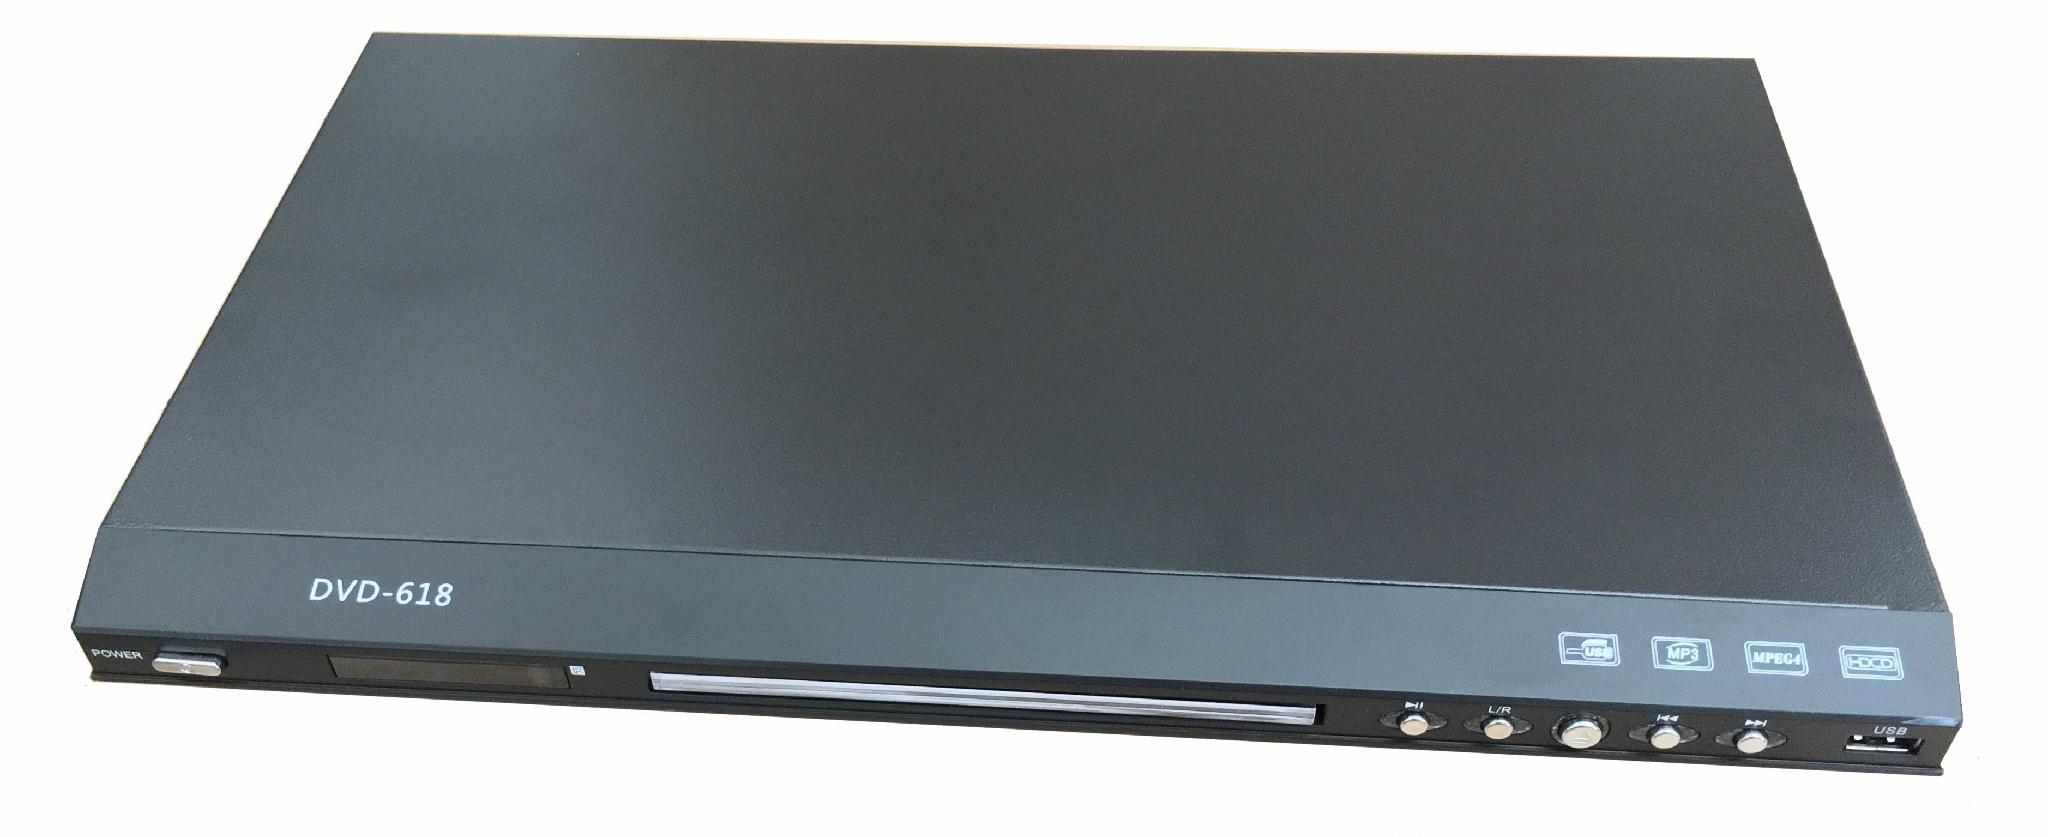 傢具展廳仿真DVD模型 1